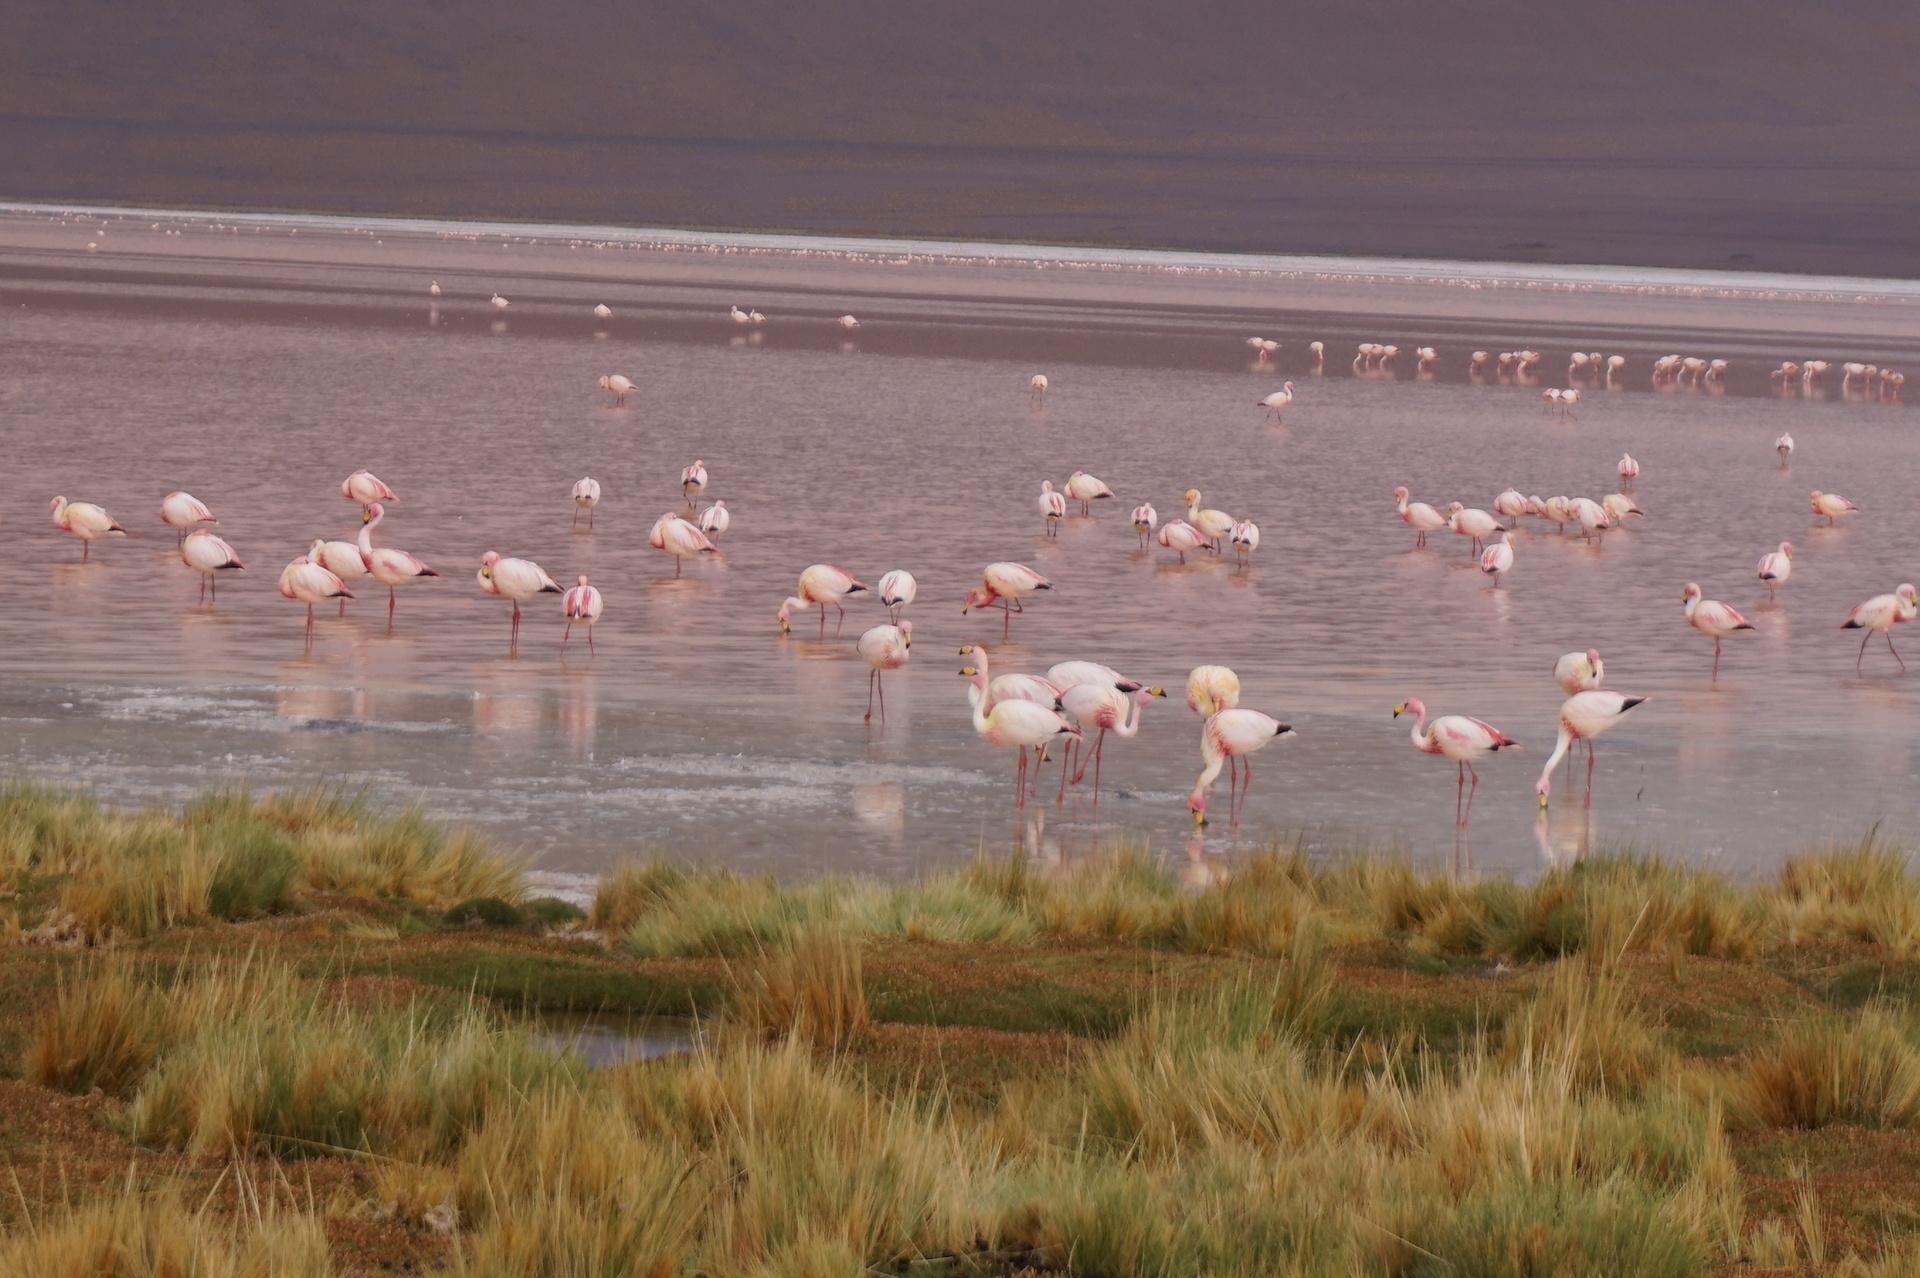 チリ ボリビア ウユニ旅行 2泊3日ツアー フラミンゴ